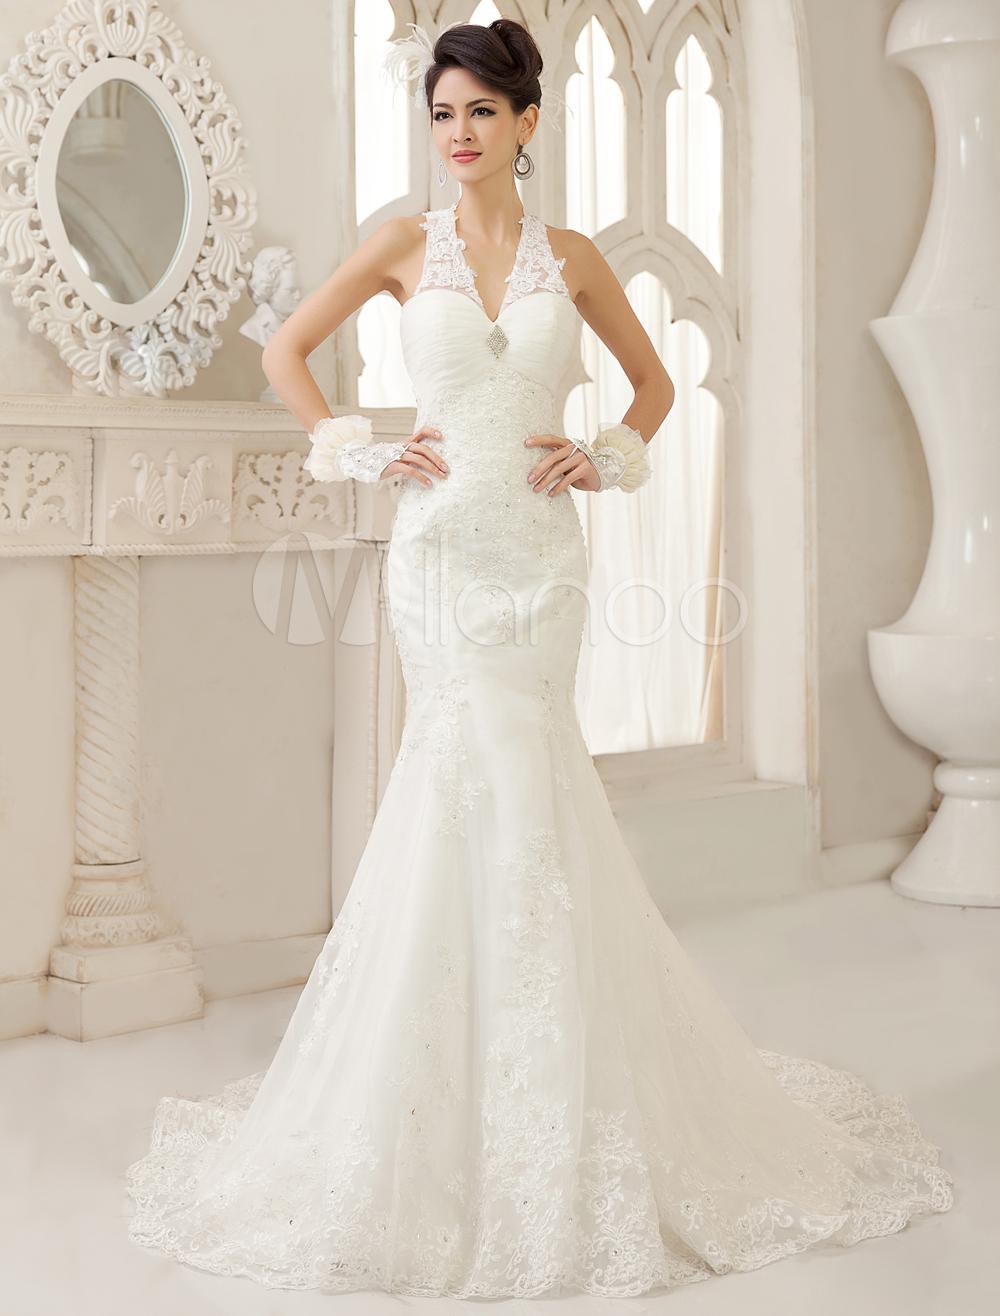 74299c48b Vestido de novia de tul con cuello en V de cola larga en 2019 ...